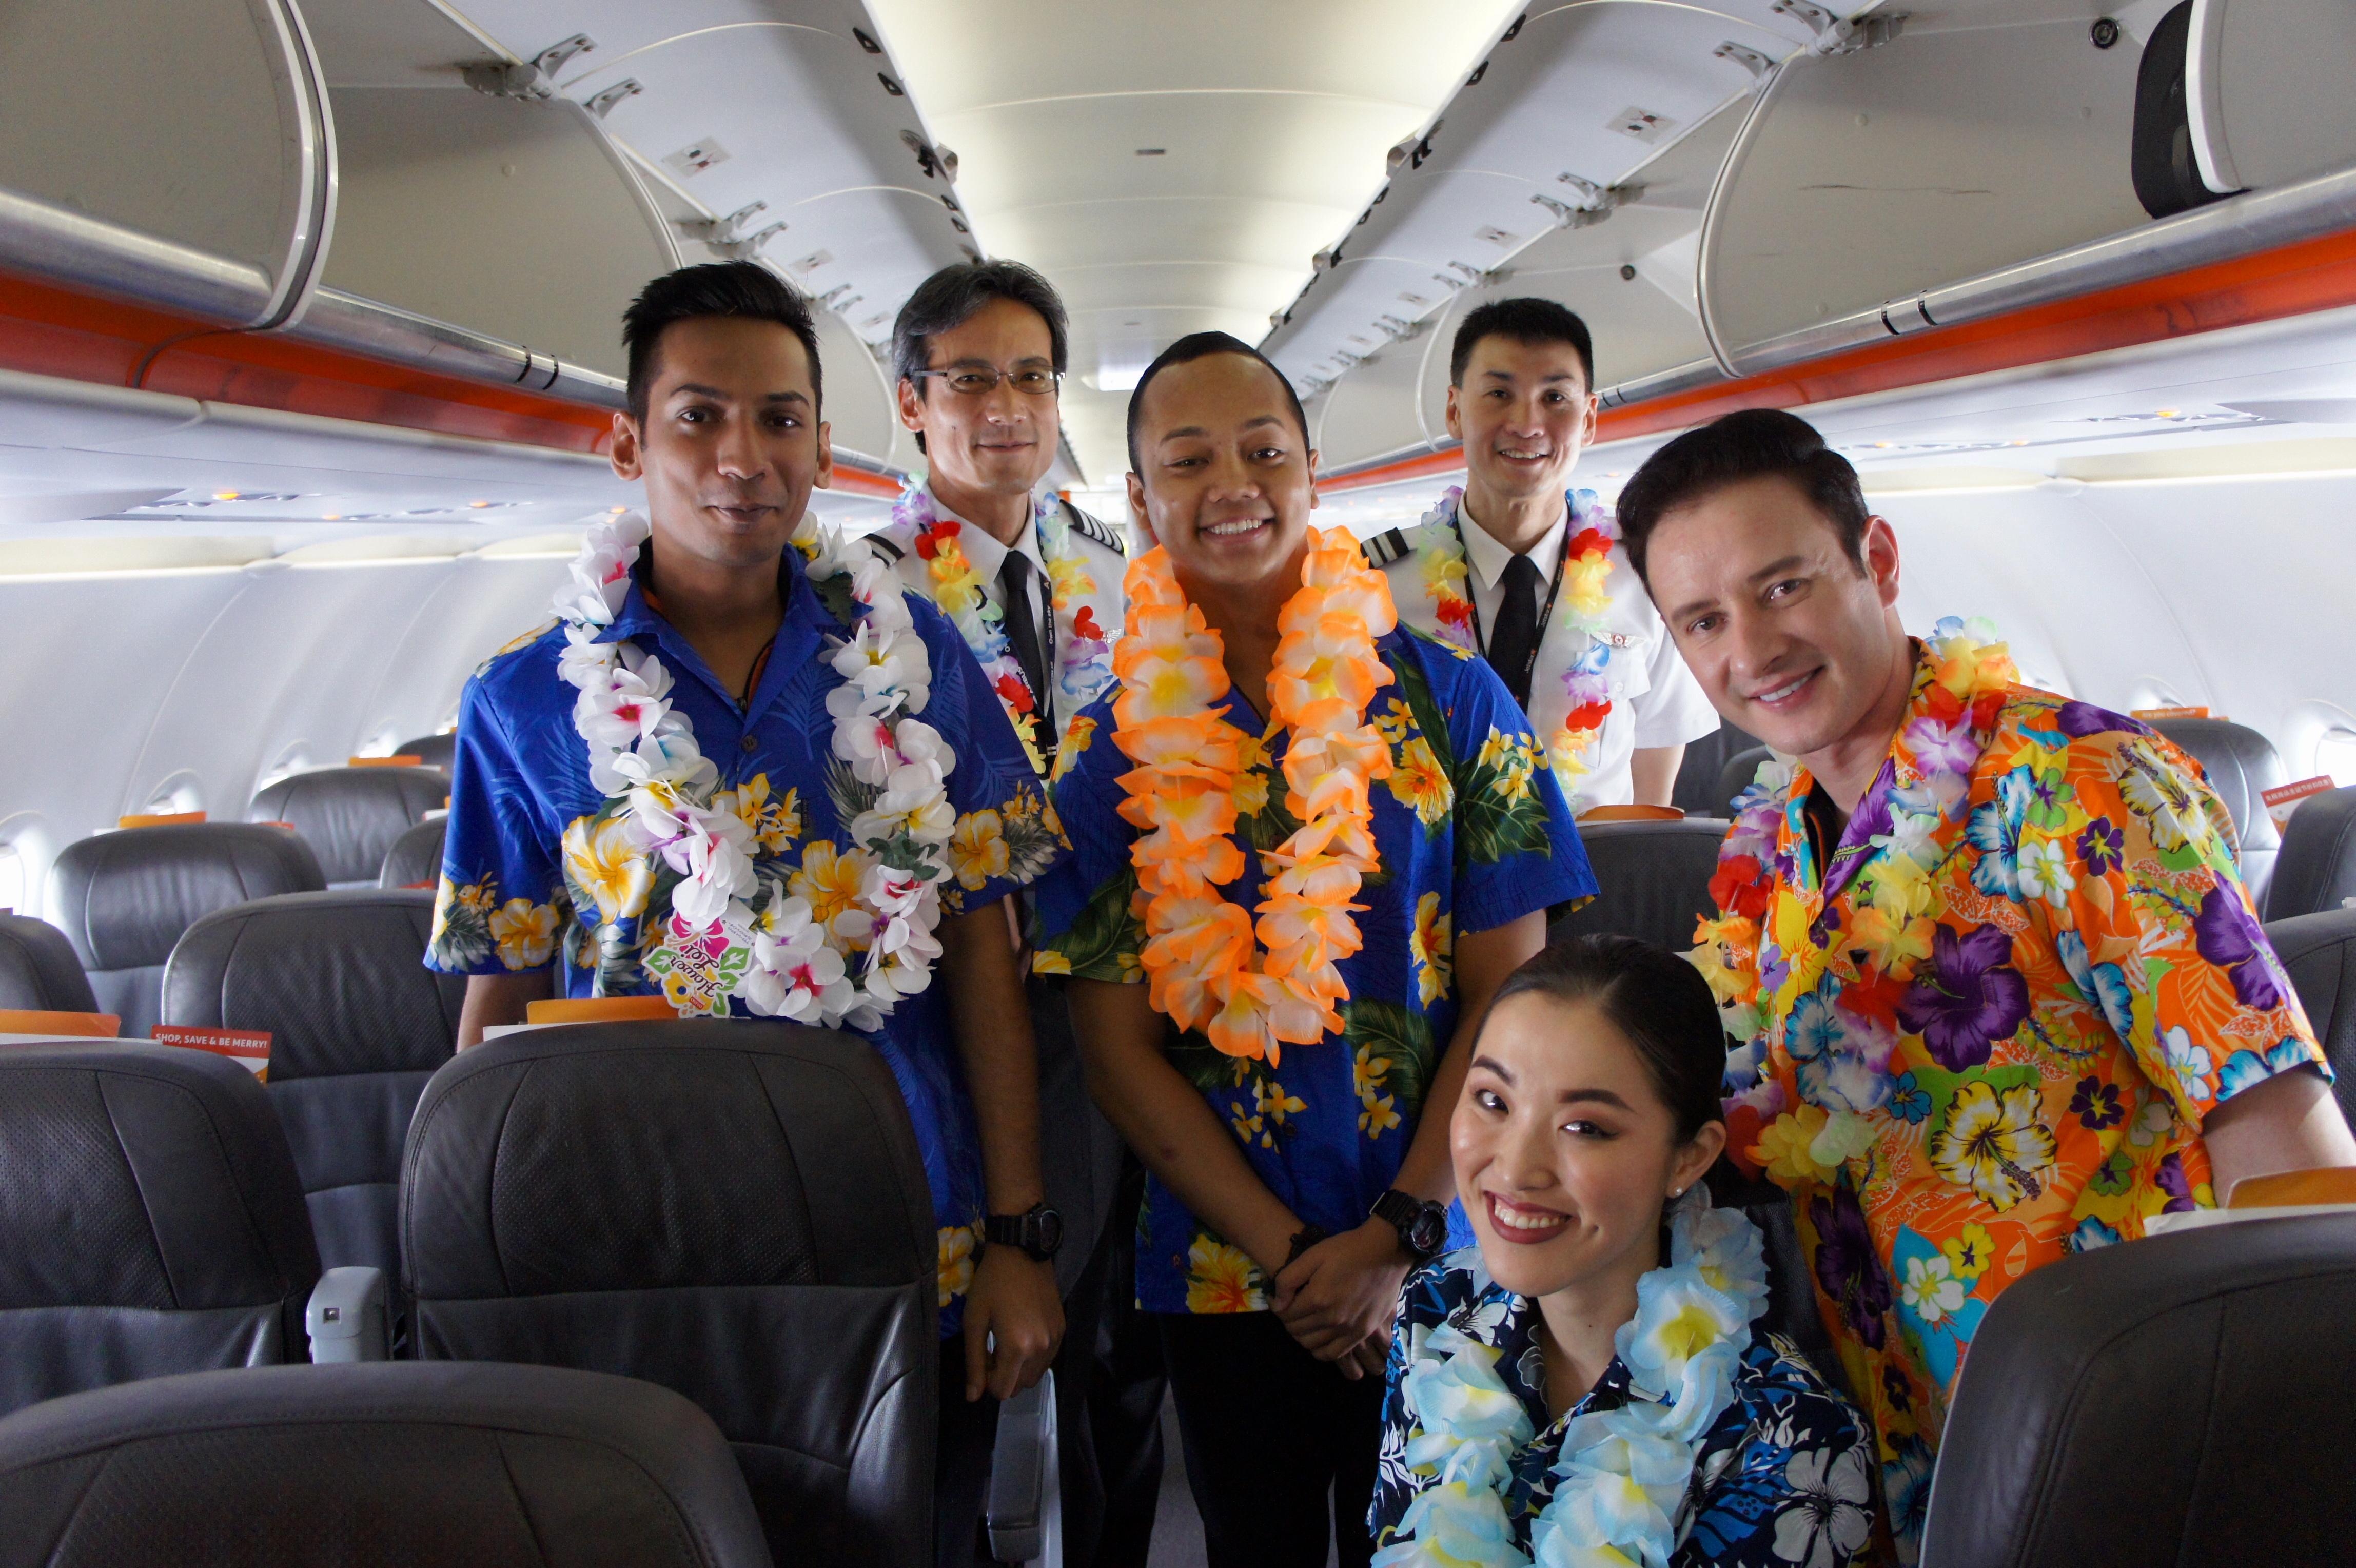 ジェットスター・アジア航空、那覇発初便の操縦士と乗務員ら。沖縄からのシンガポール線利用を呼び掛けた=11月17日、シンガポール・チャンギ空港